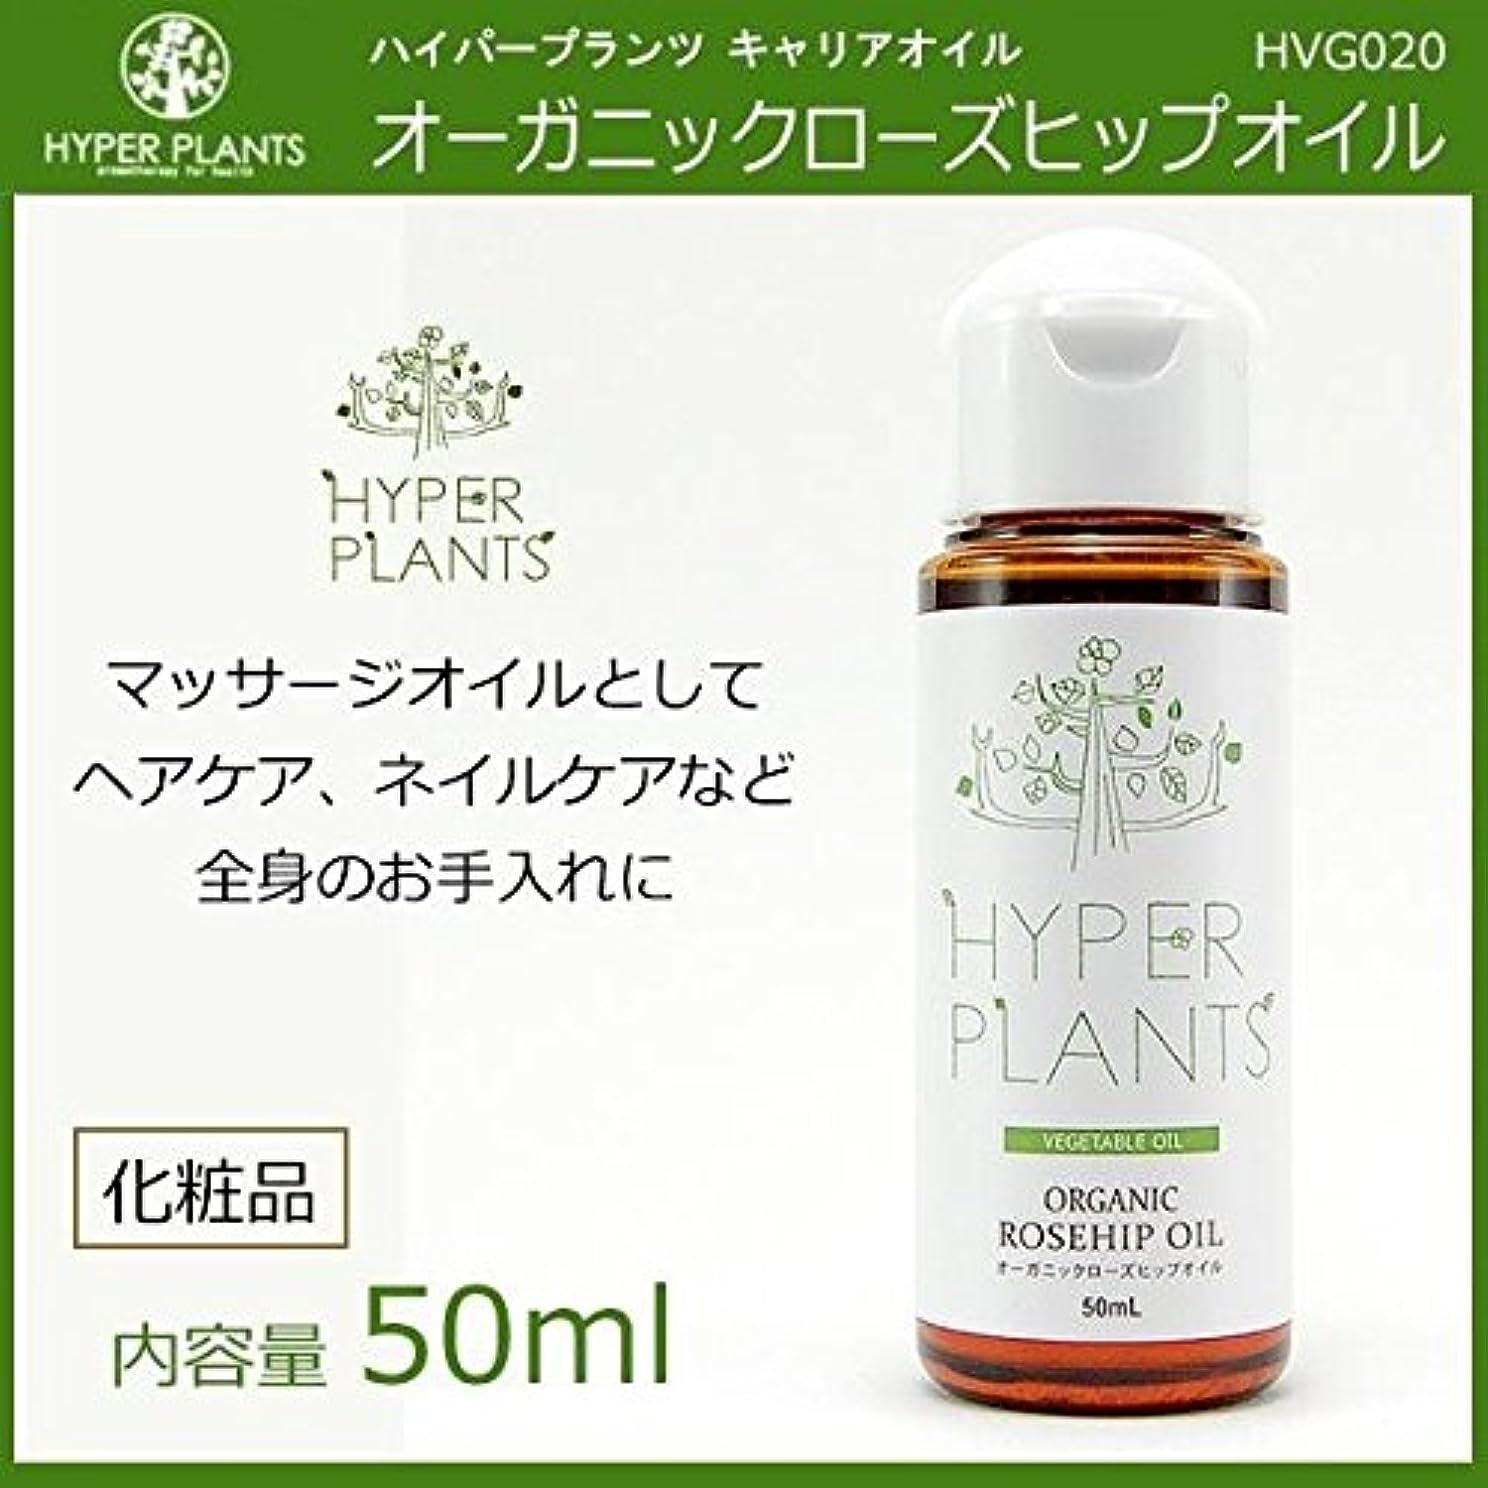 スポーツの試合を担当している人印象派密輸HYPER PLANTS ハイパープランツ キャリアオイル オーガニックローズヒップオイル 50ml HVG020